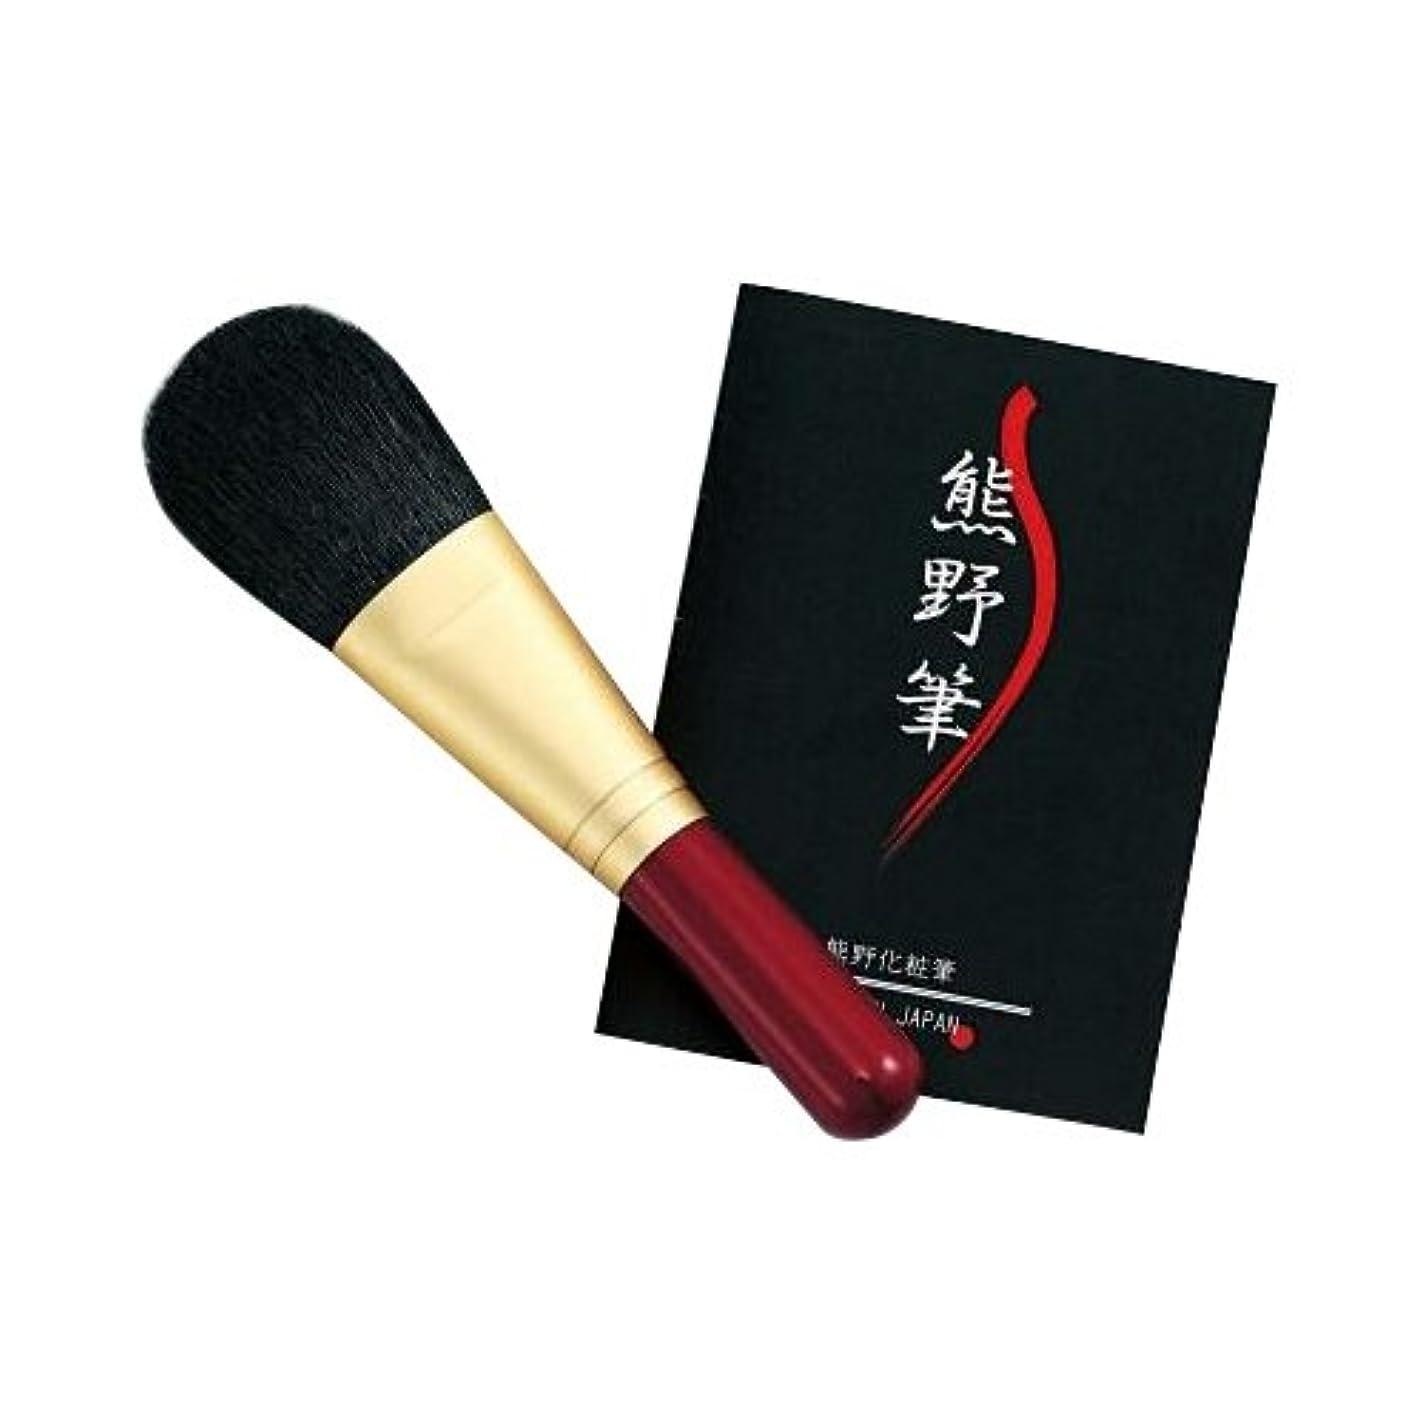 ウィザード物理学者露出度の高いゼニス 熊野化粧筆 筆の心 フェイスブラシ(ショート)